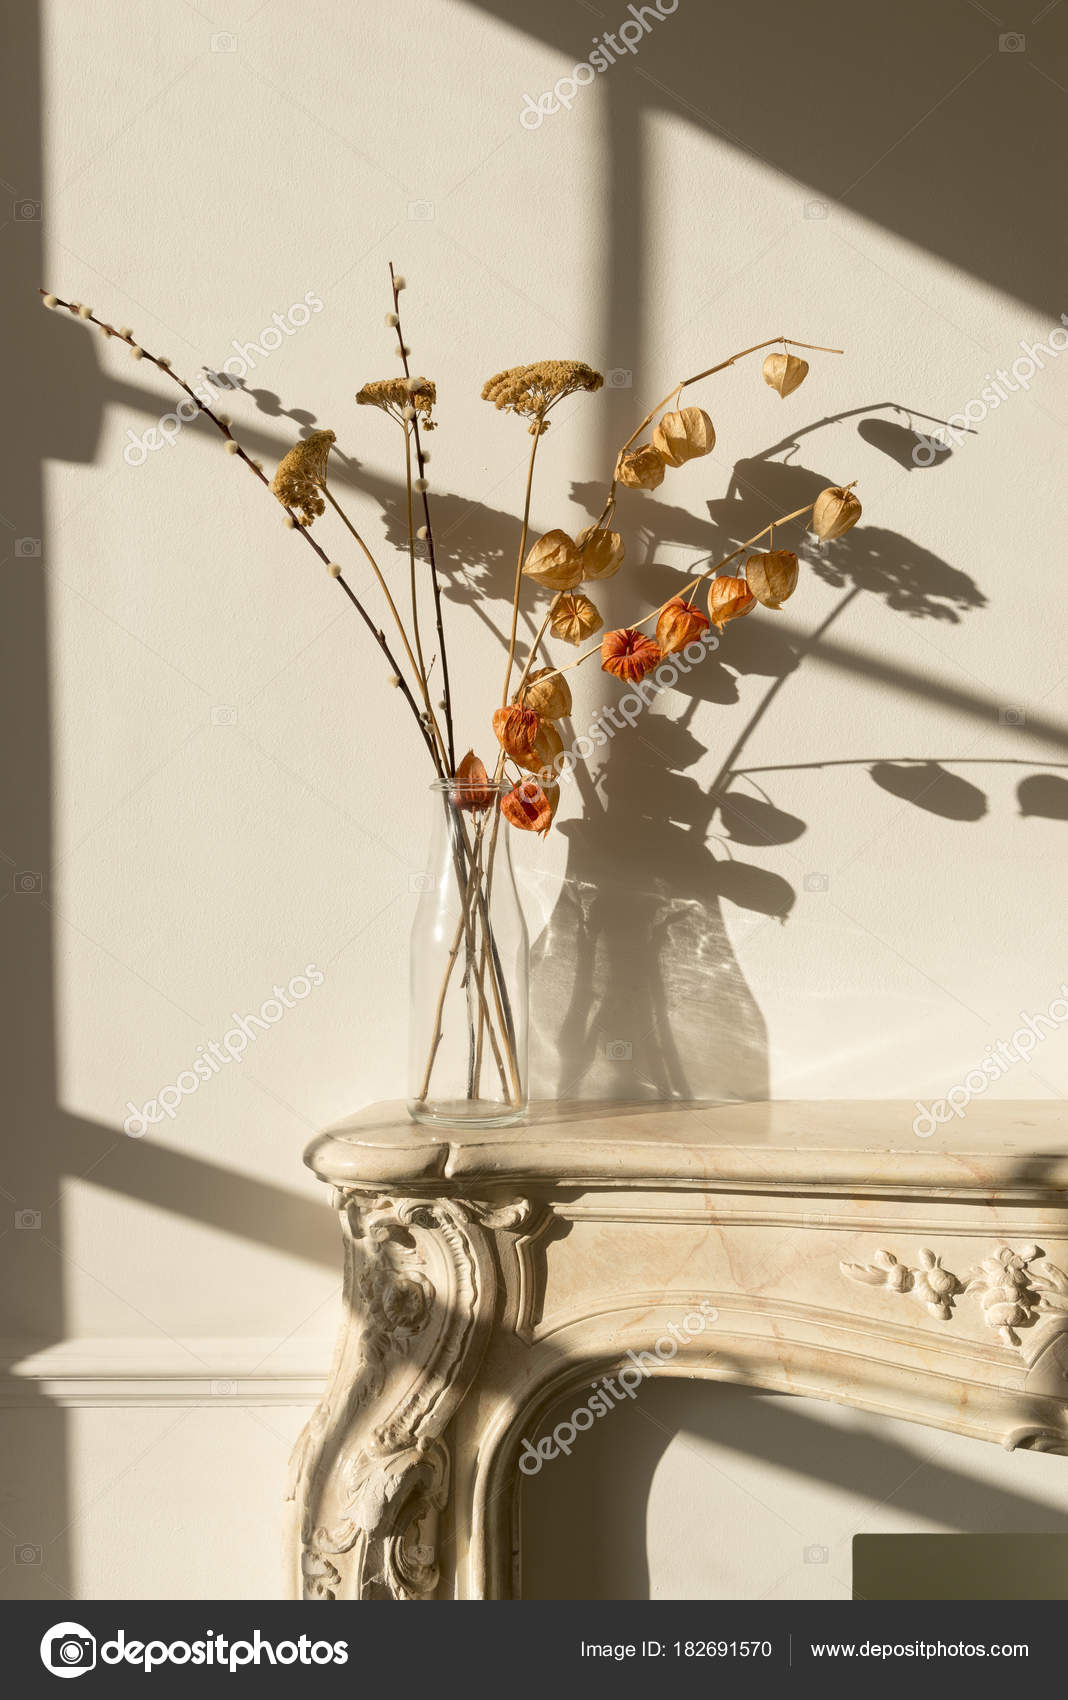 Farbloses Glasvase Mit Getrockneten Blüten Auf Einem Geschlossenen Kamin  Kaminsimses Und Wirft Einen Schatten Auf Einer